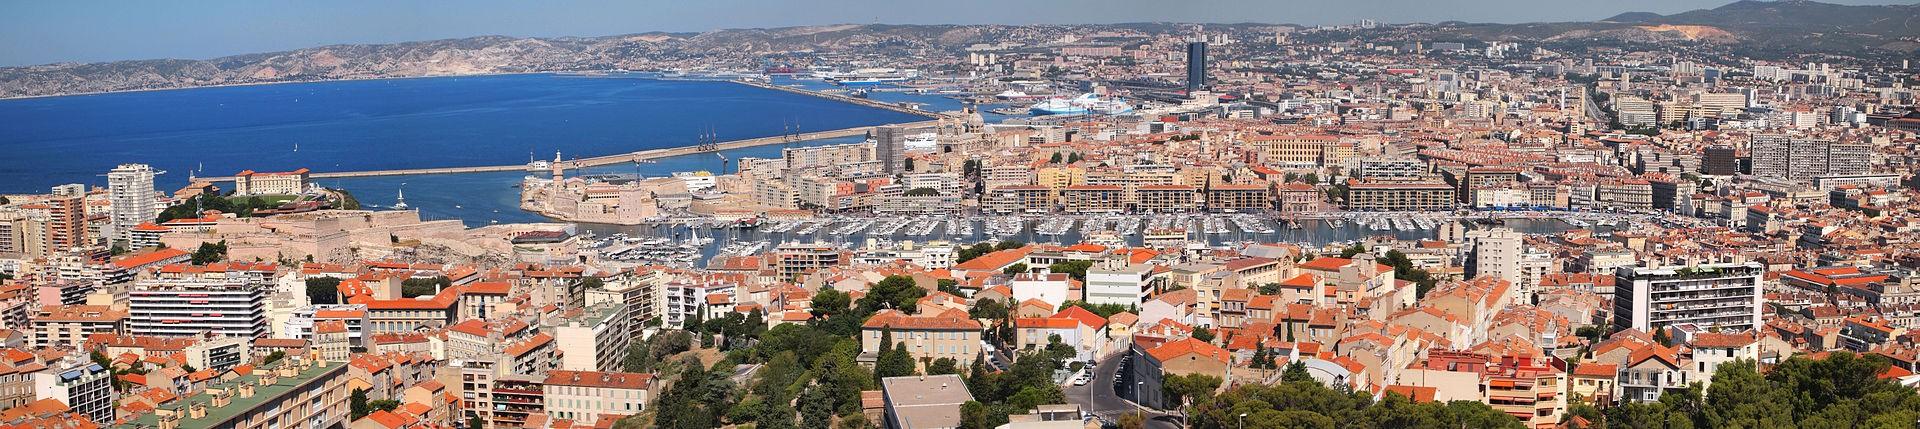 Panorama da região portuária de Marselha, França (Foto: Tiia Monto/Wikipédia)